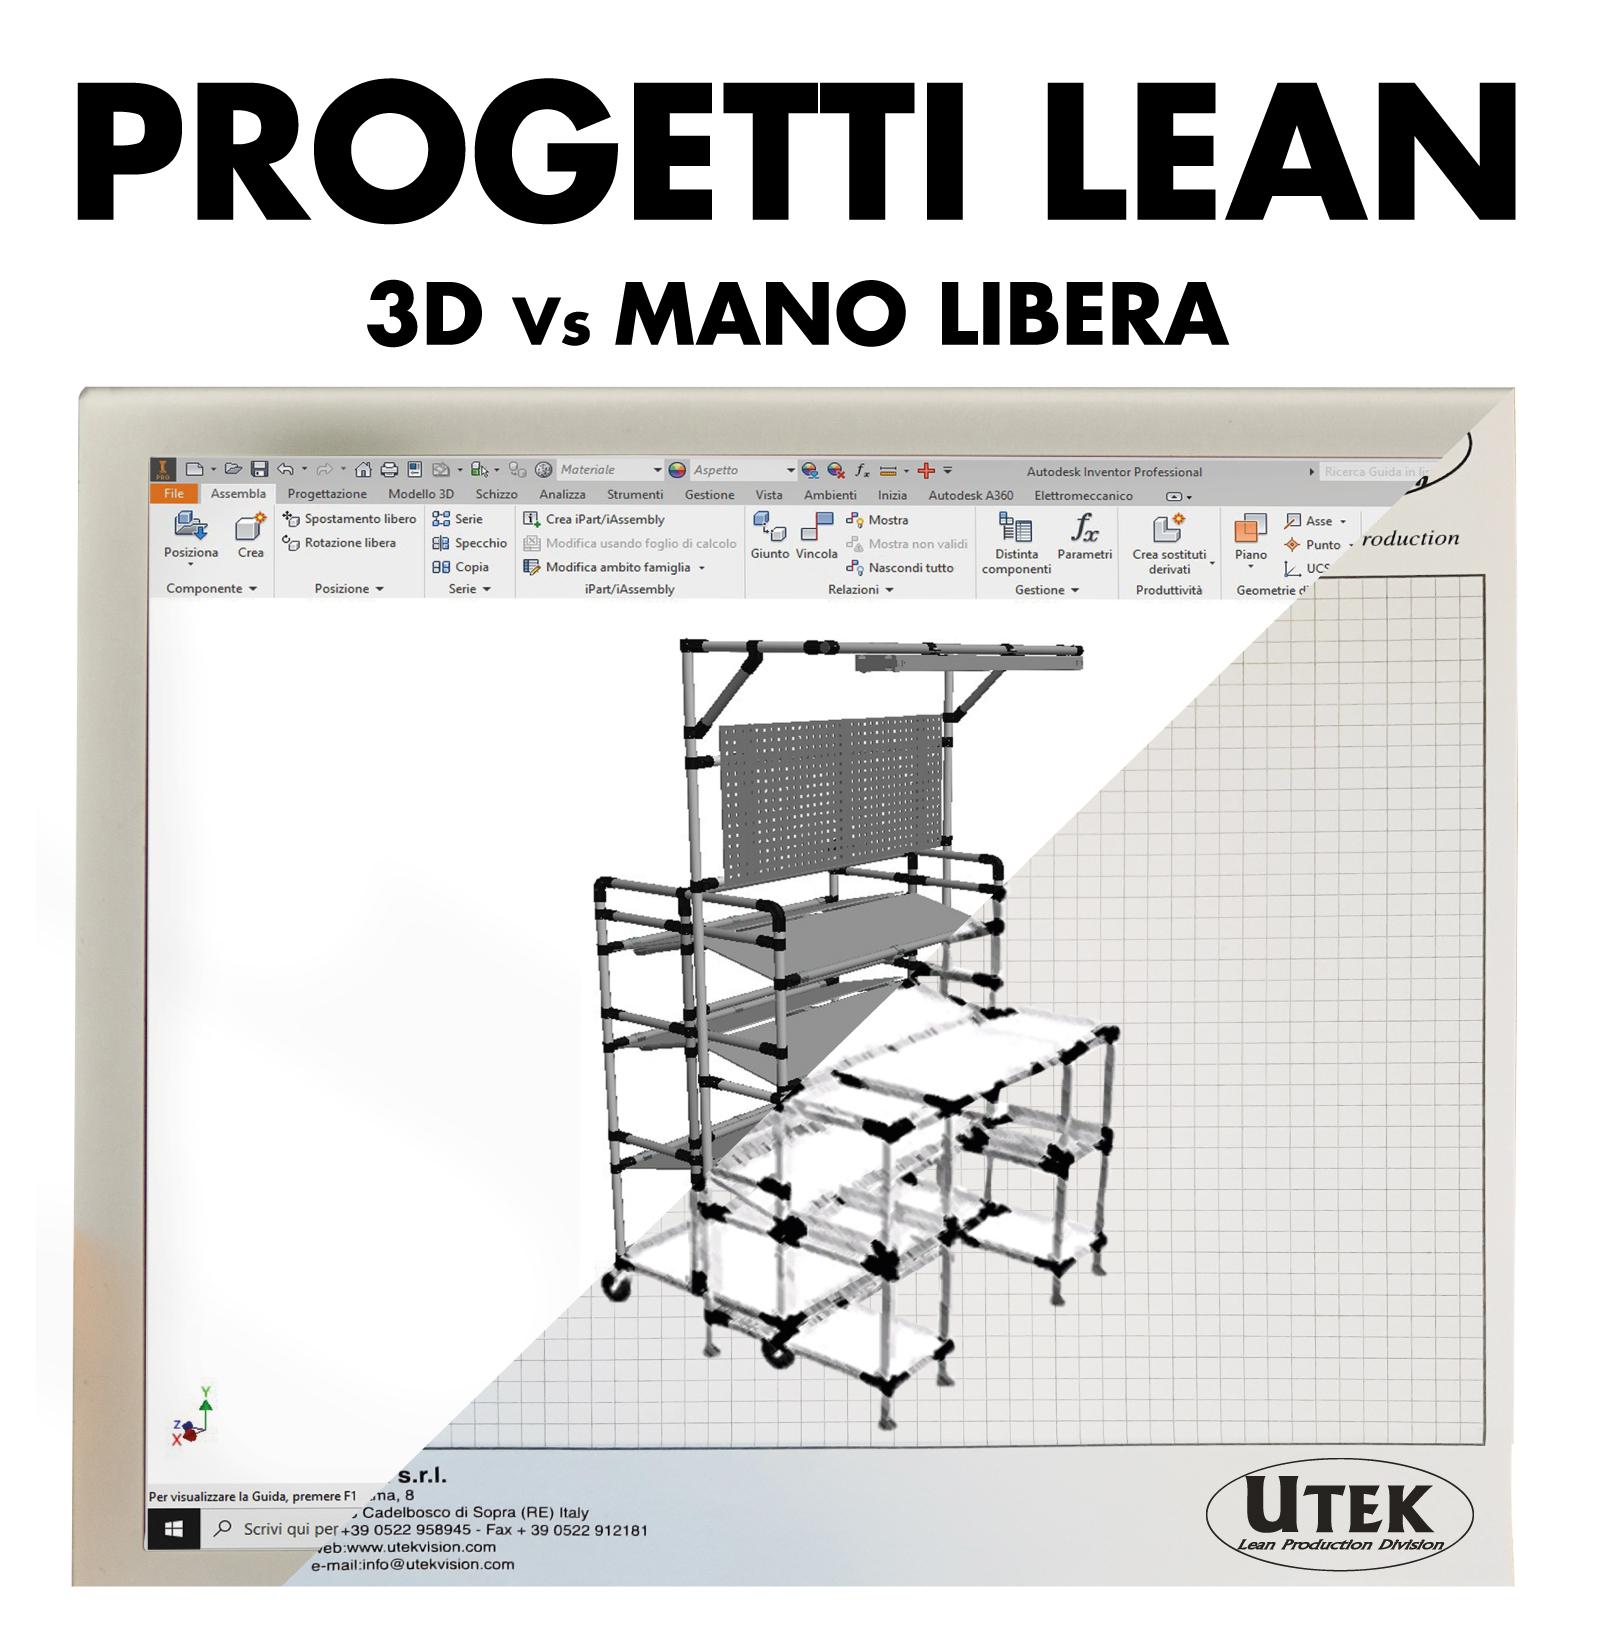 Progetti Lean 3D o bozza a mano libera?